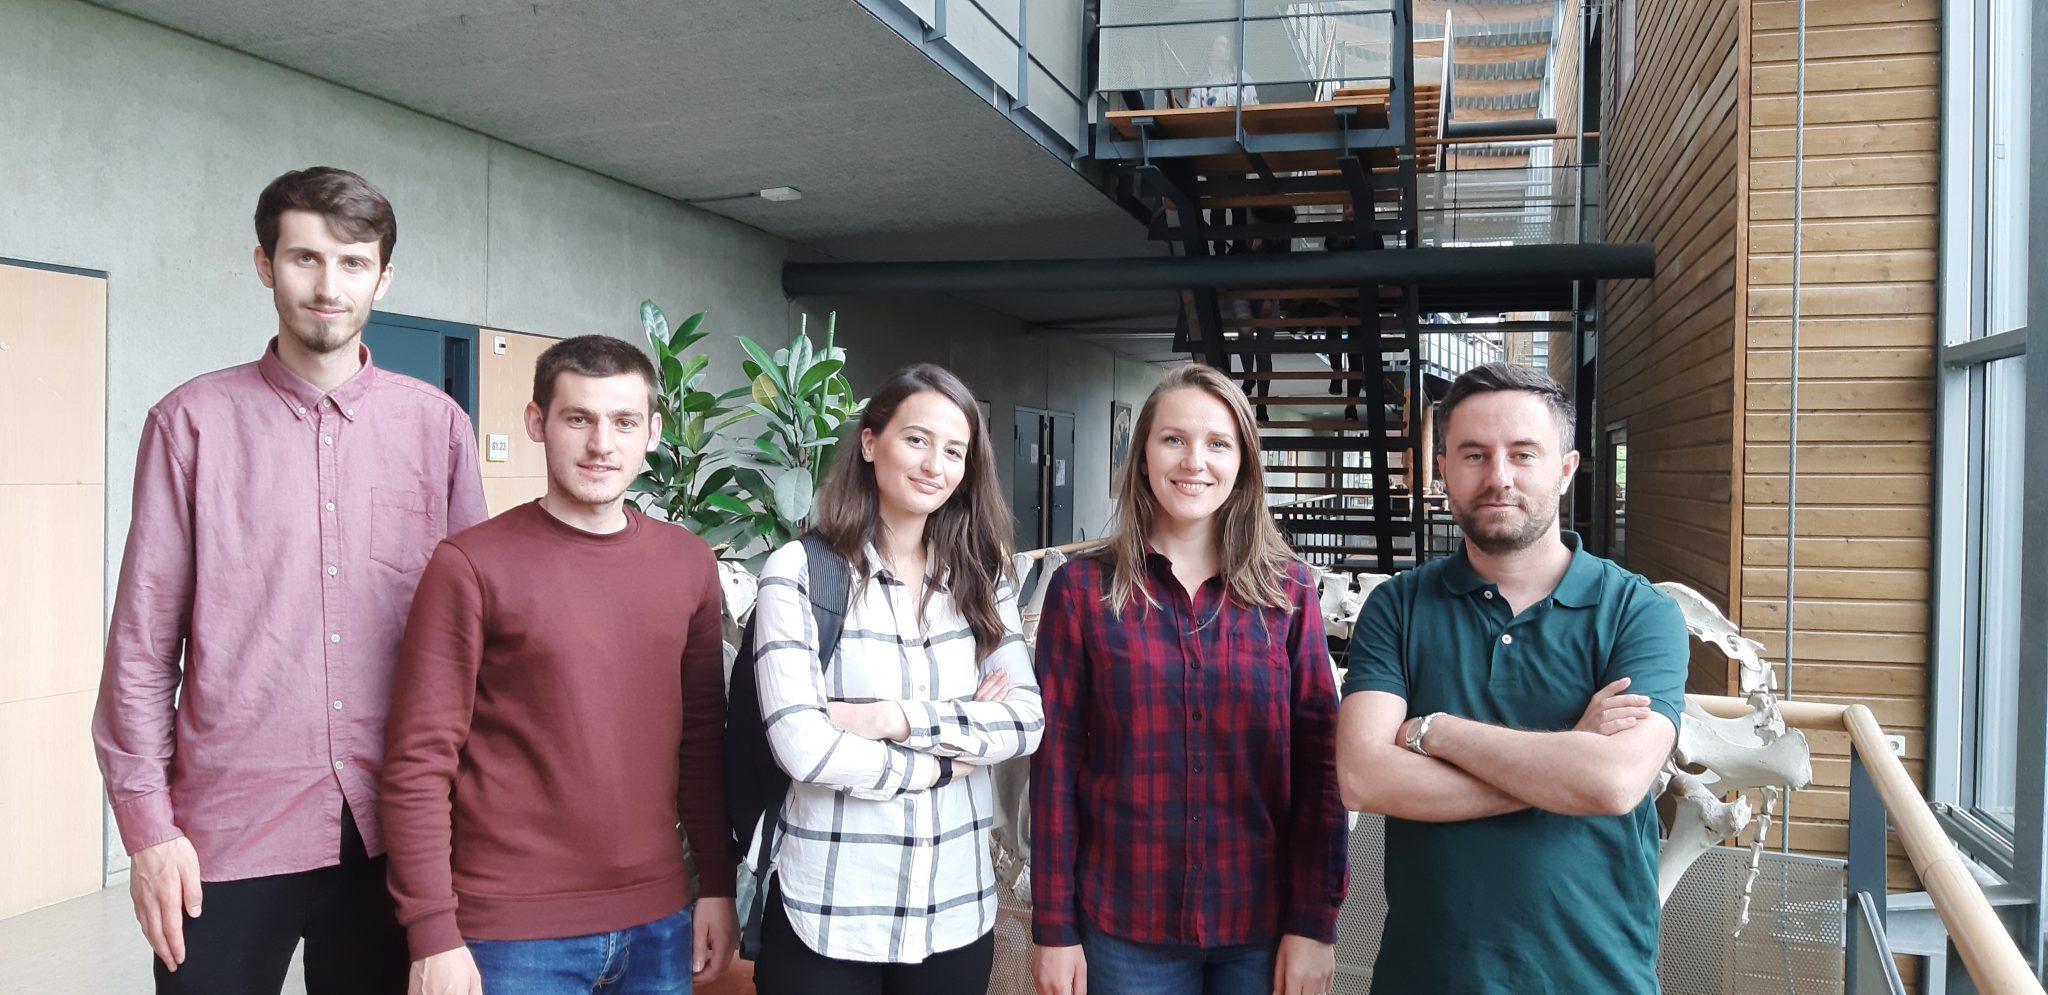 Asistentët, Bahtir Hyseni, Arbër Hyseni Me Studentët Shkëlqim Hyseni, Ylberinë Baliu Dhe Fjolla Laskaj Që Janë Në Holandë Me Erasmus+ (1)